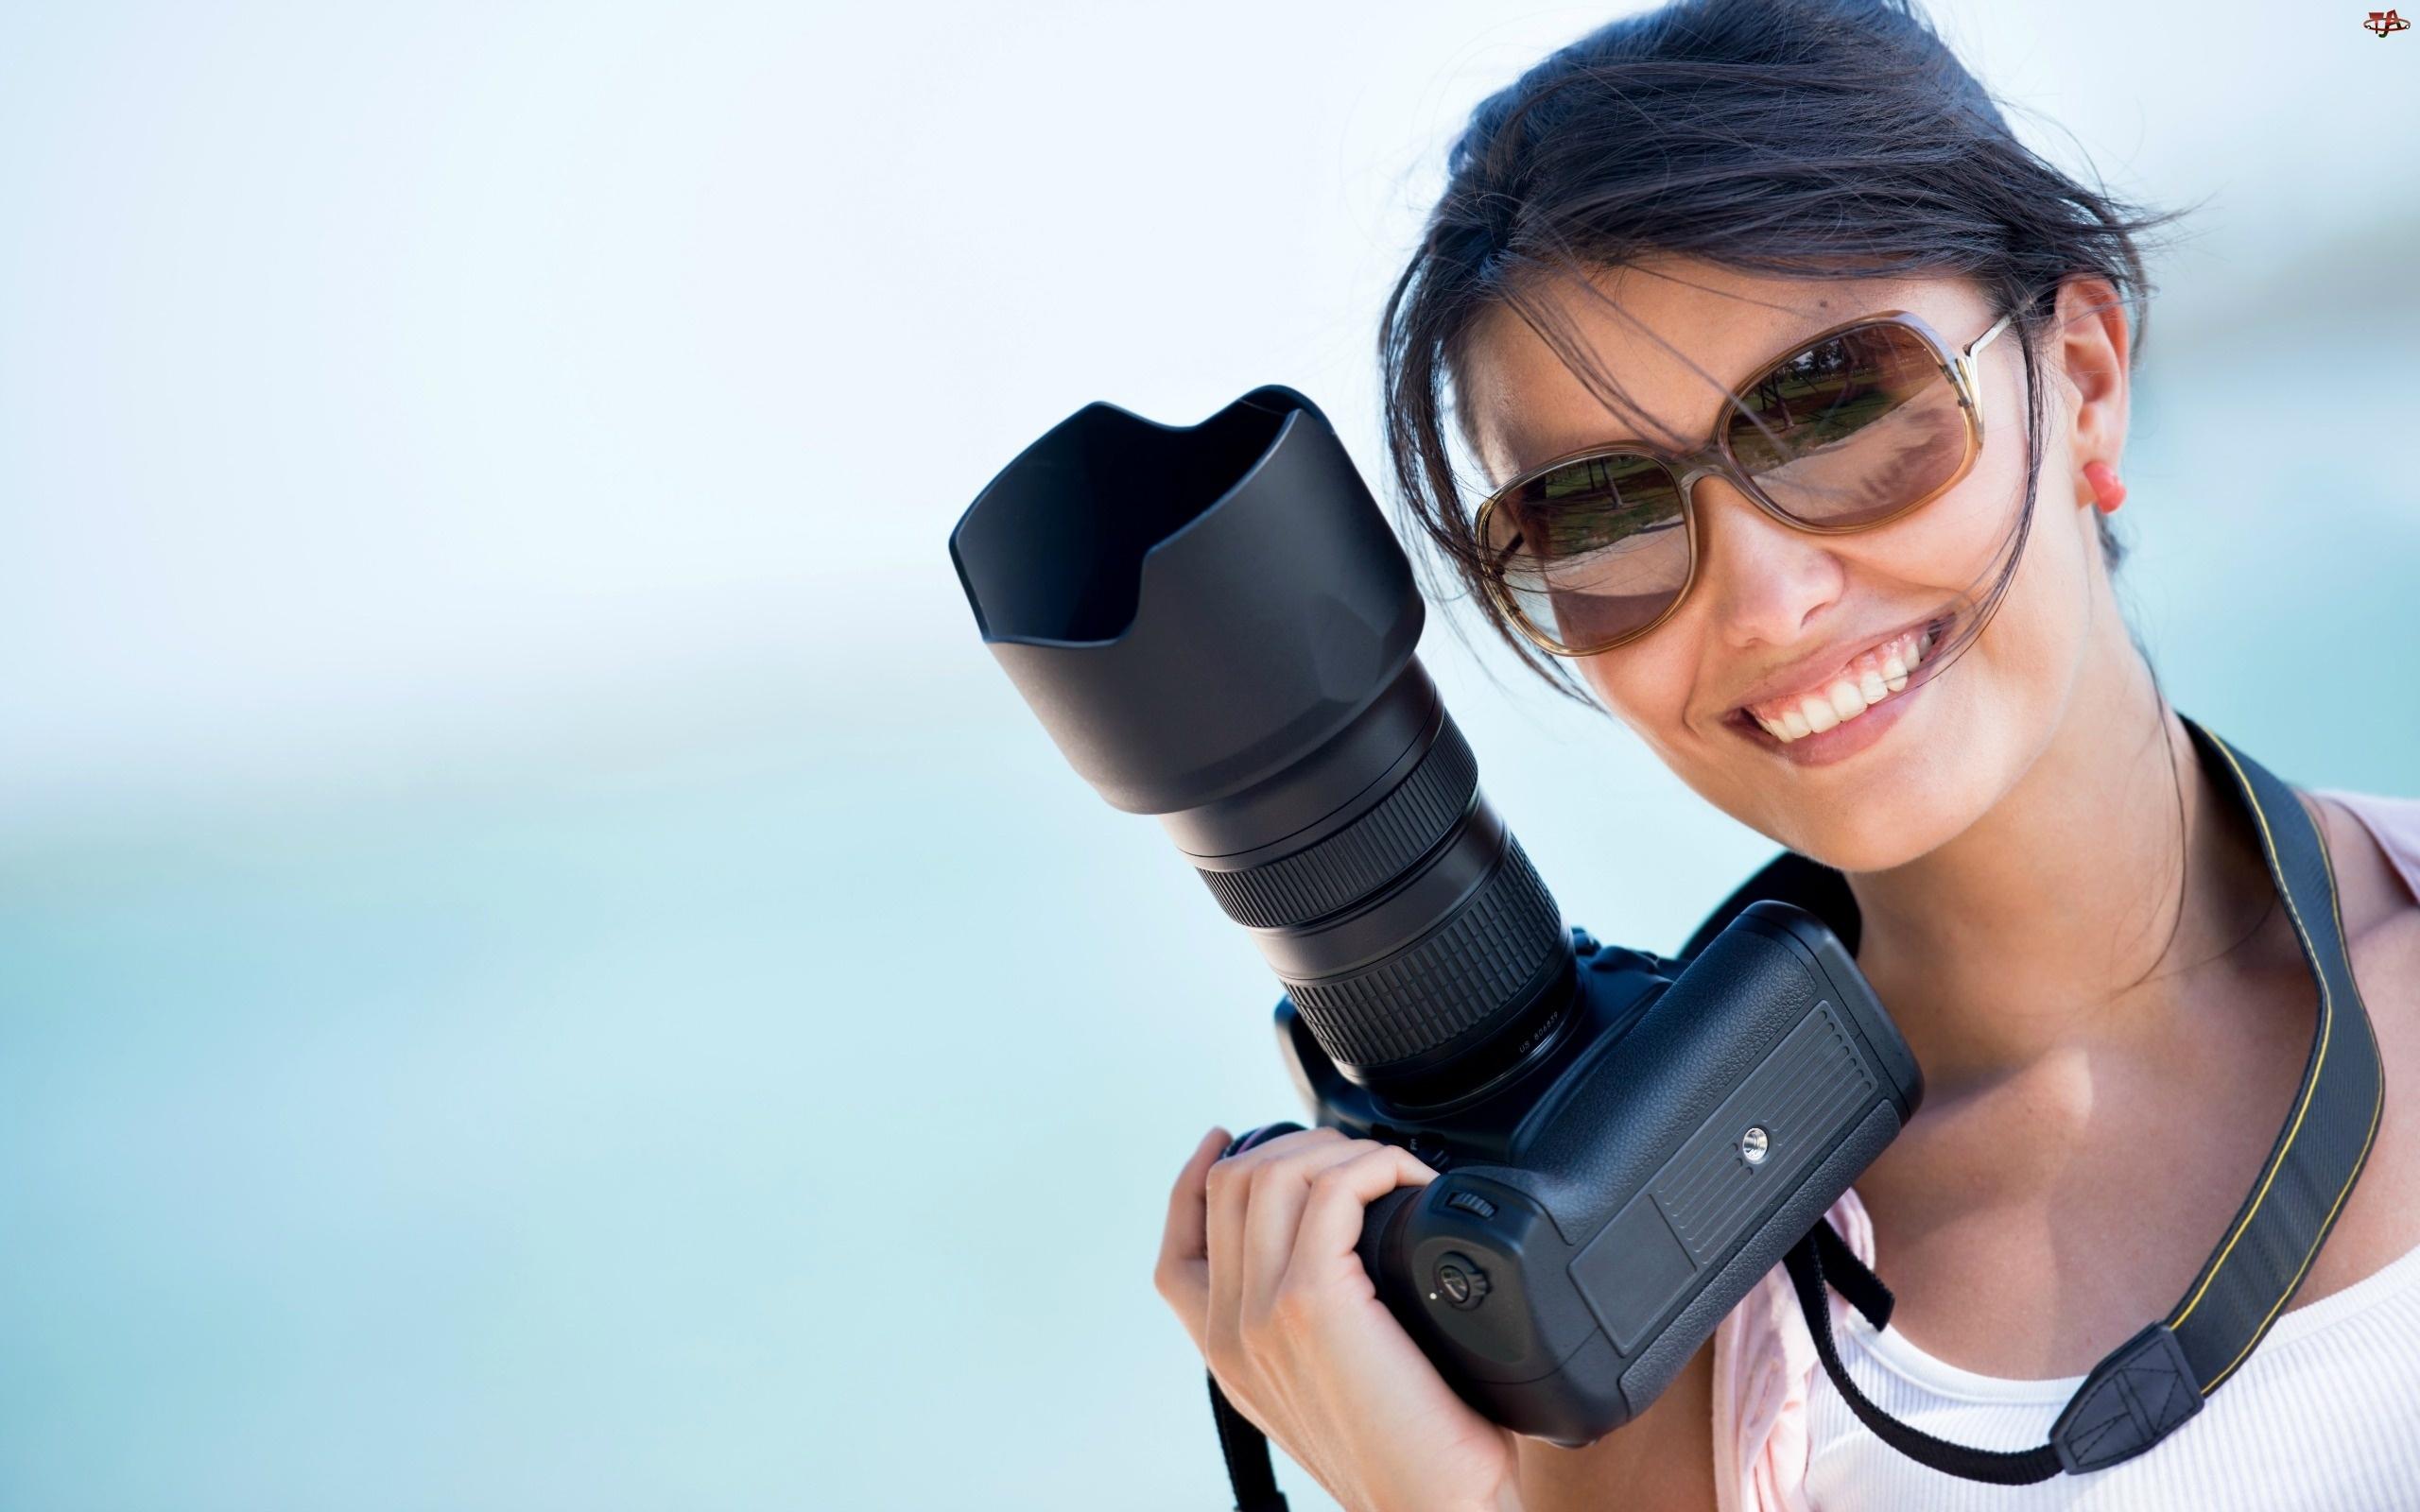 Fotograficzny, Kobieta, Okulary, Uśmiech, Aparat